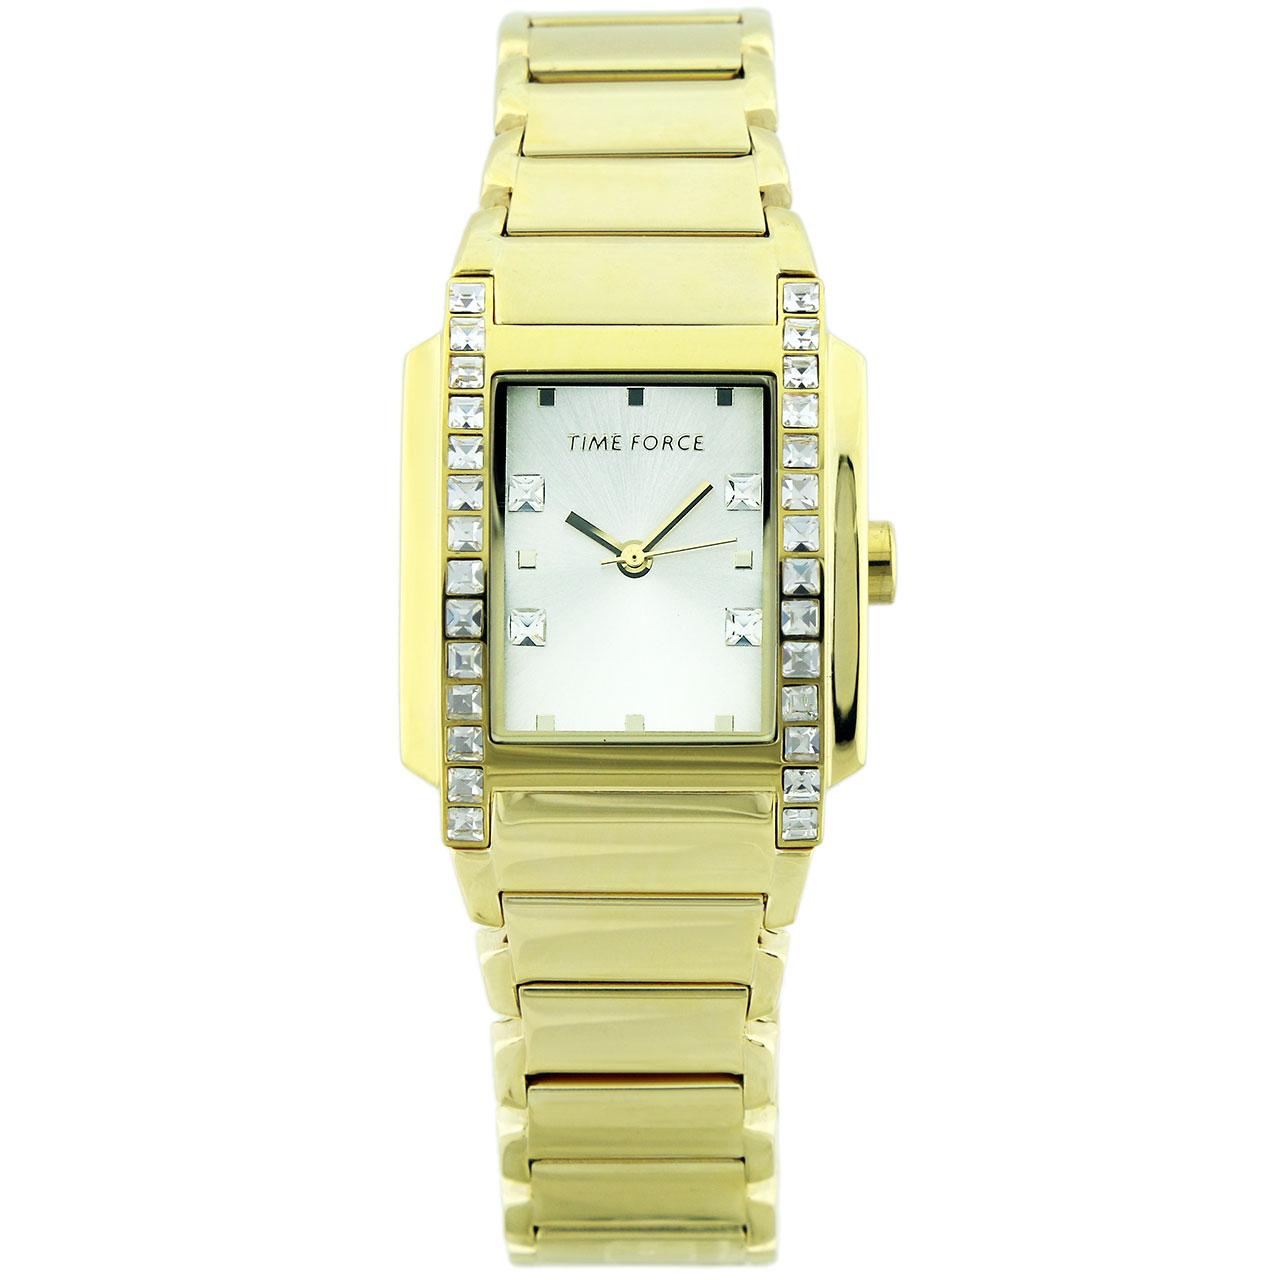 ساعت مچی عقربه ای زنانه تایم فورس مدل TF3394L09M